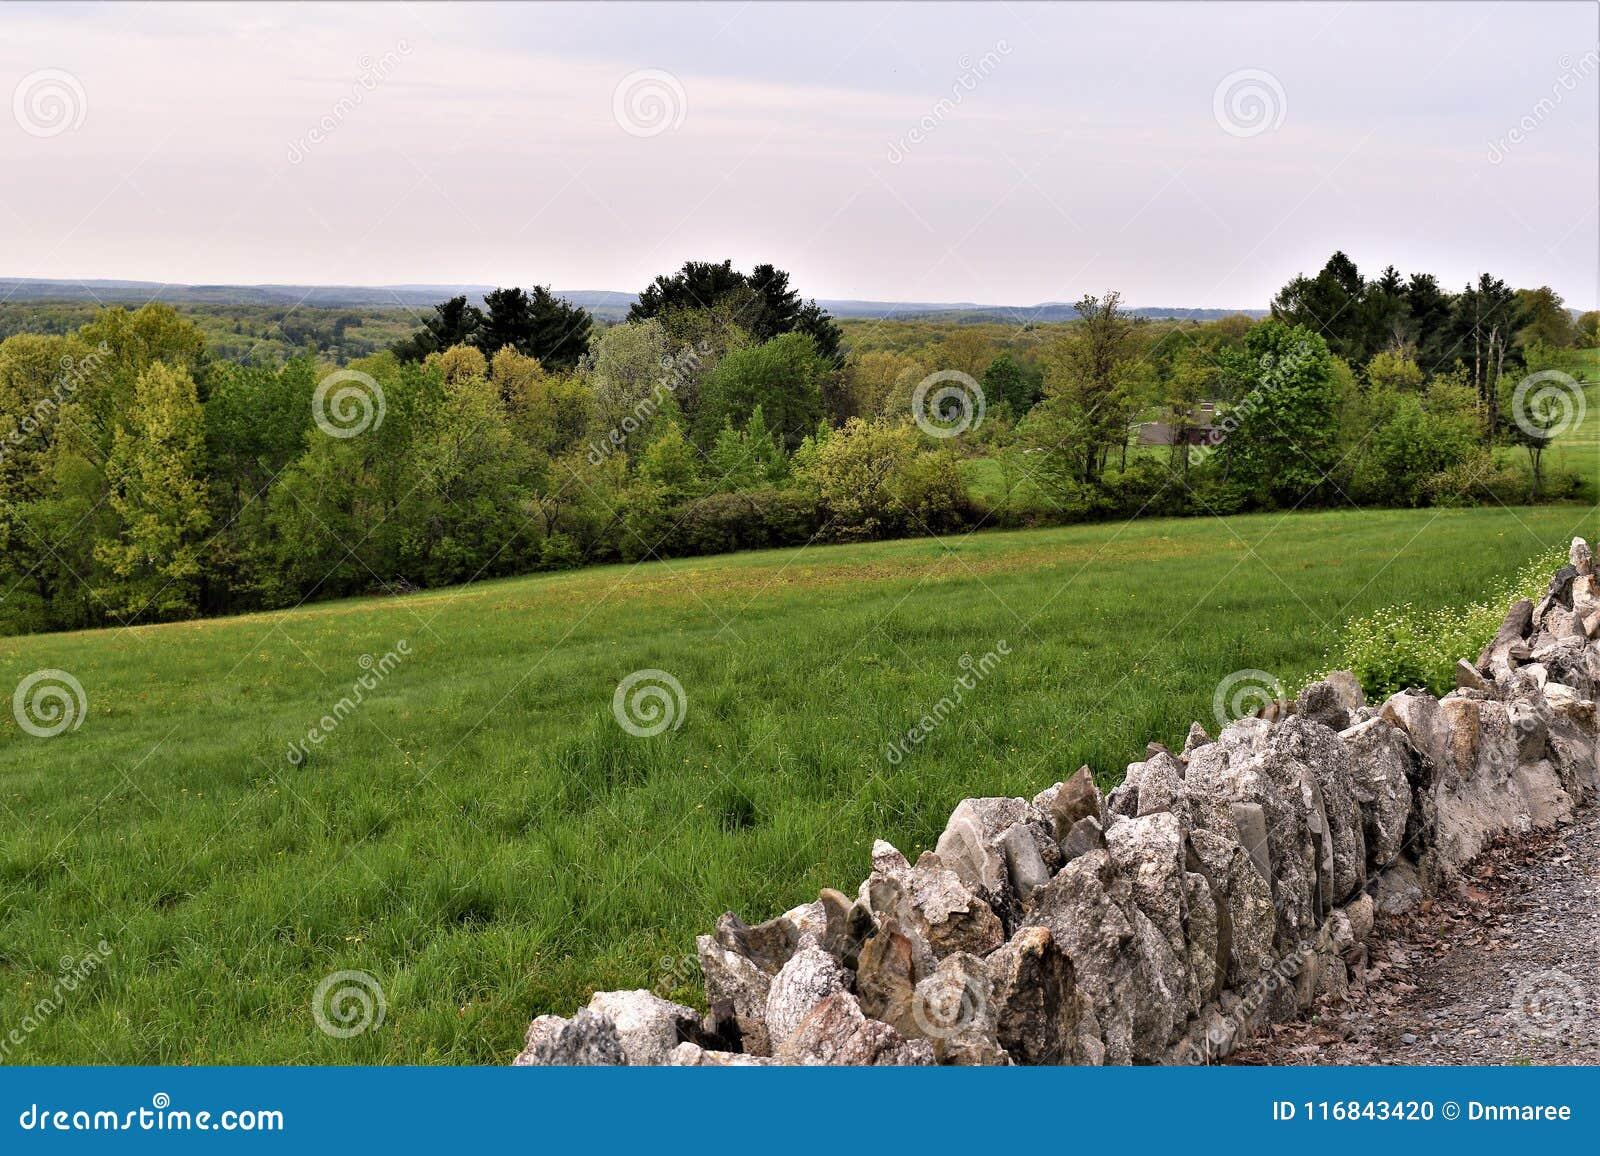 Szenische Ansicht nationalen Wildlfe Schutz Oxbow genommen von Harvard, Massachusetts, Vereinigte Staaten